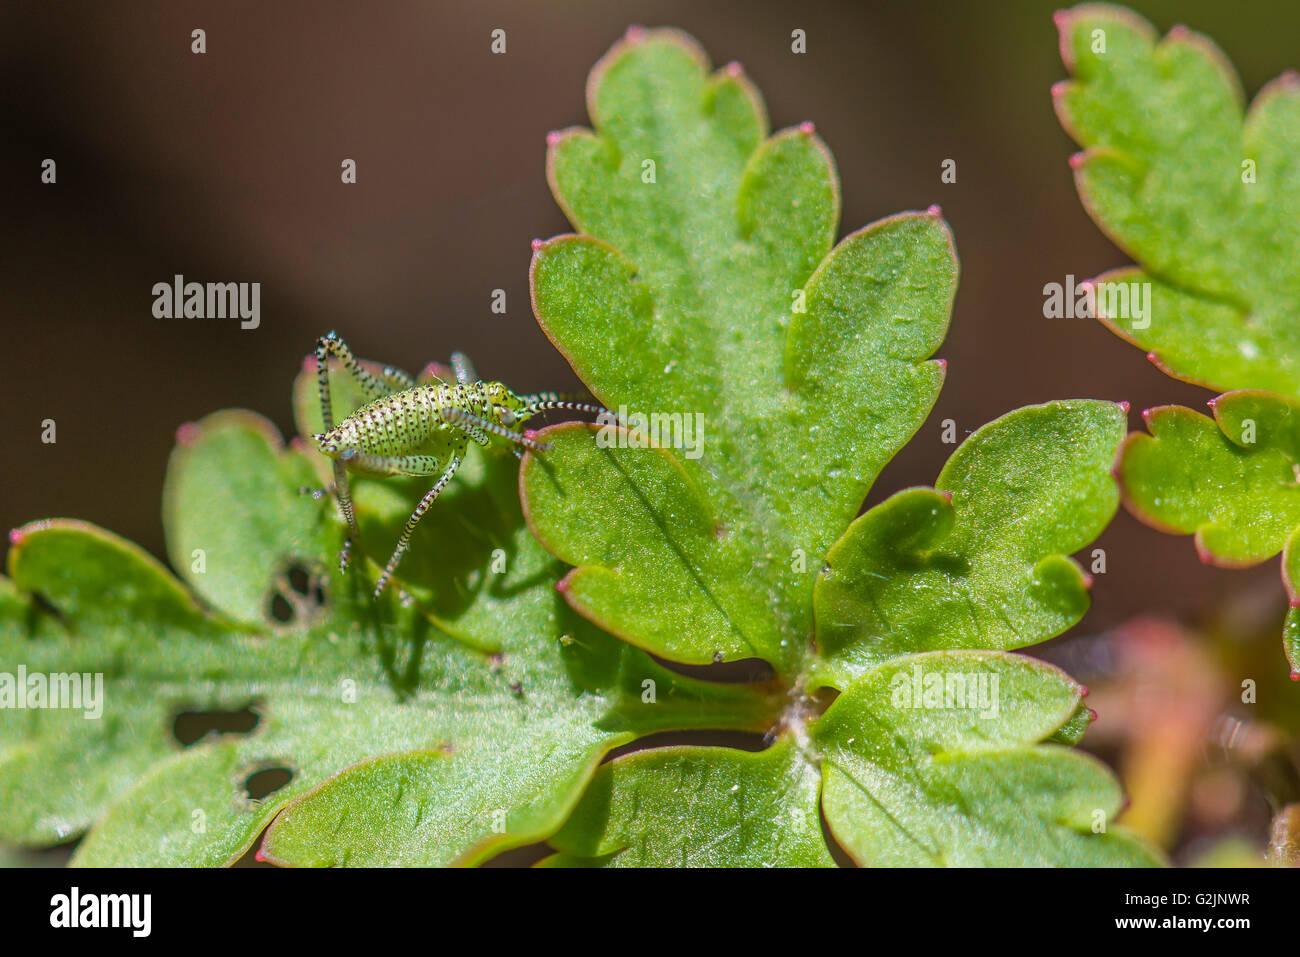 Leptophyes Punctatissima Bébé Sauterelle Sur Feuille de Chene, Stockbild